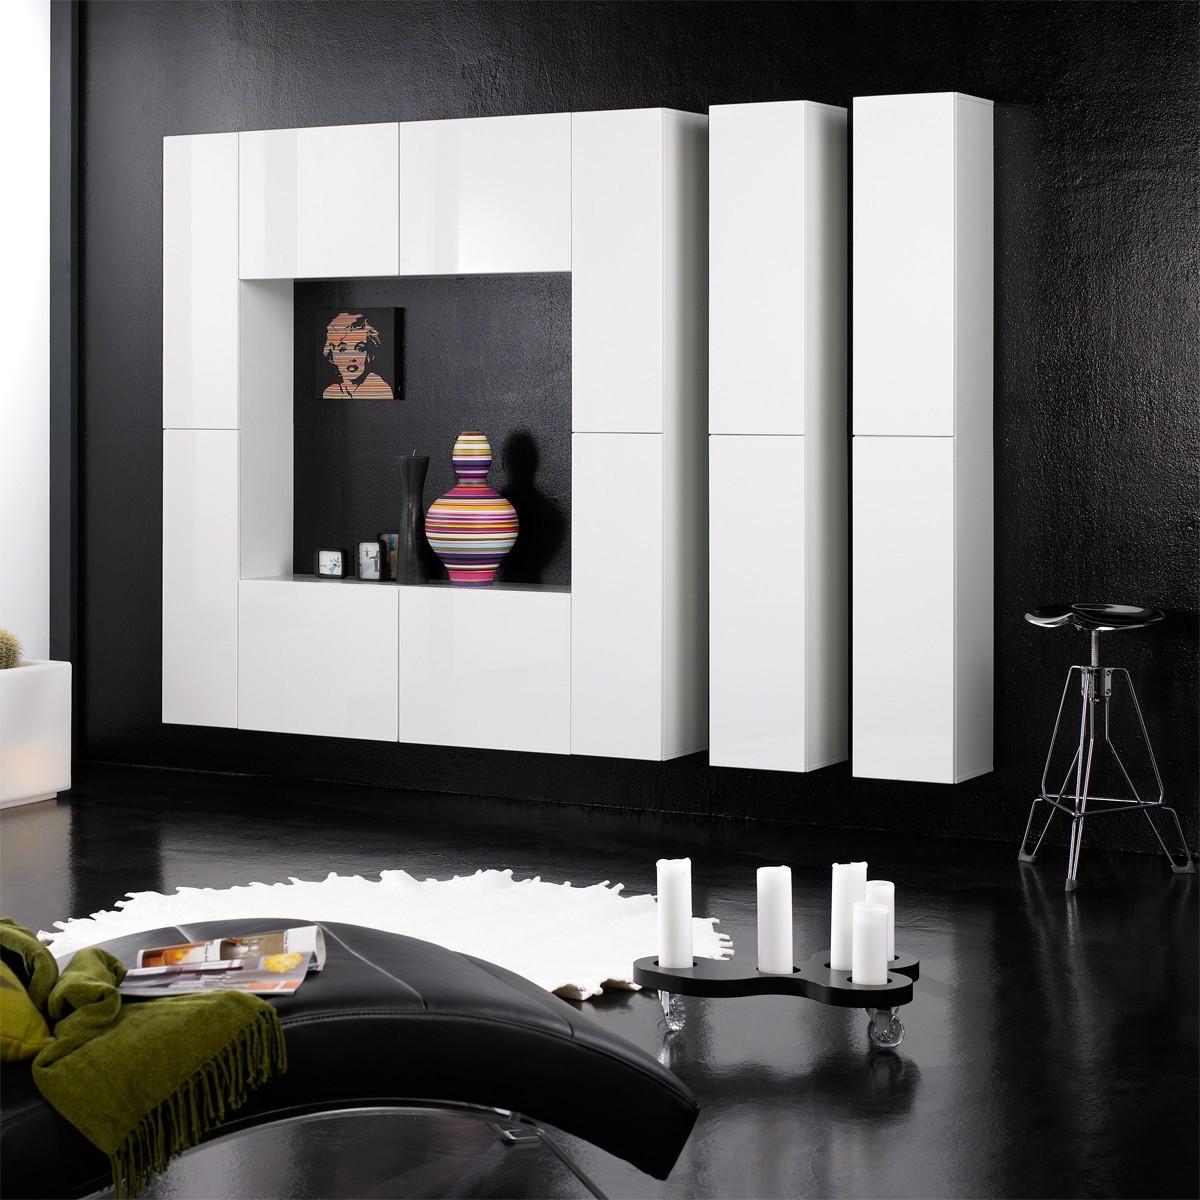 wohnzimmer schwarz braun weiss. Black Bedroom Furniture Sets. Home Design Ideas